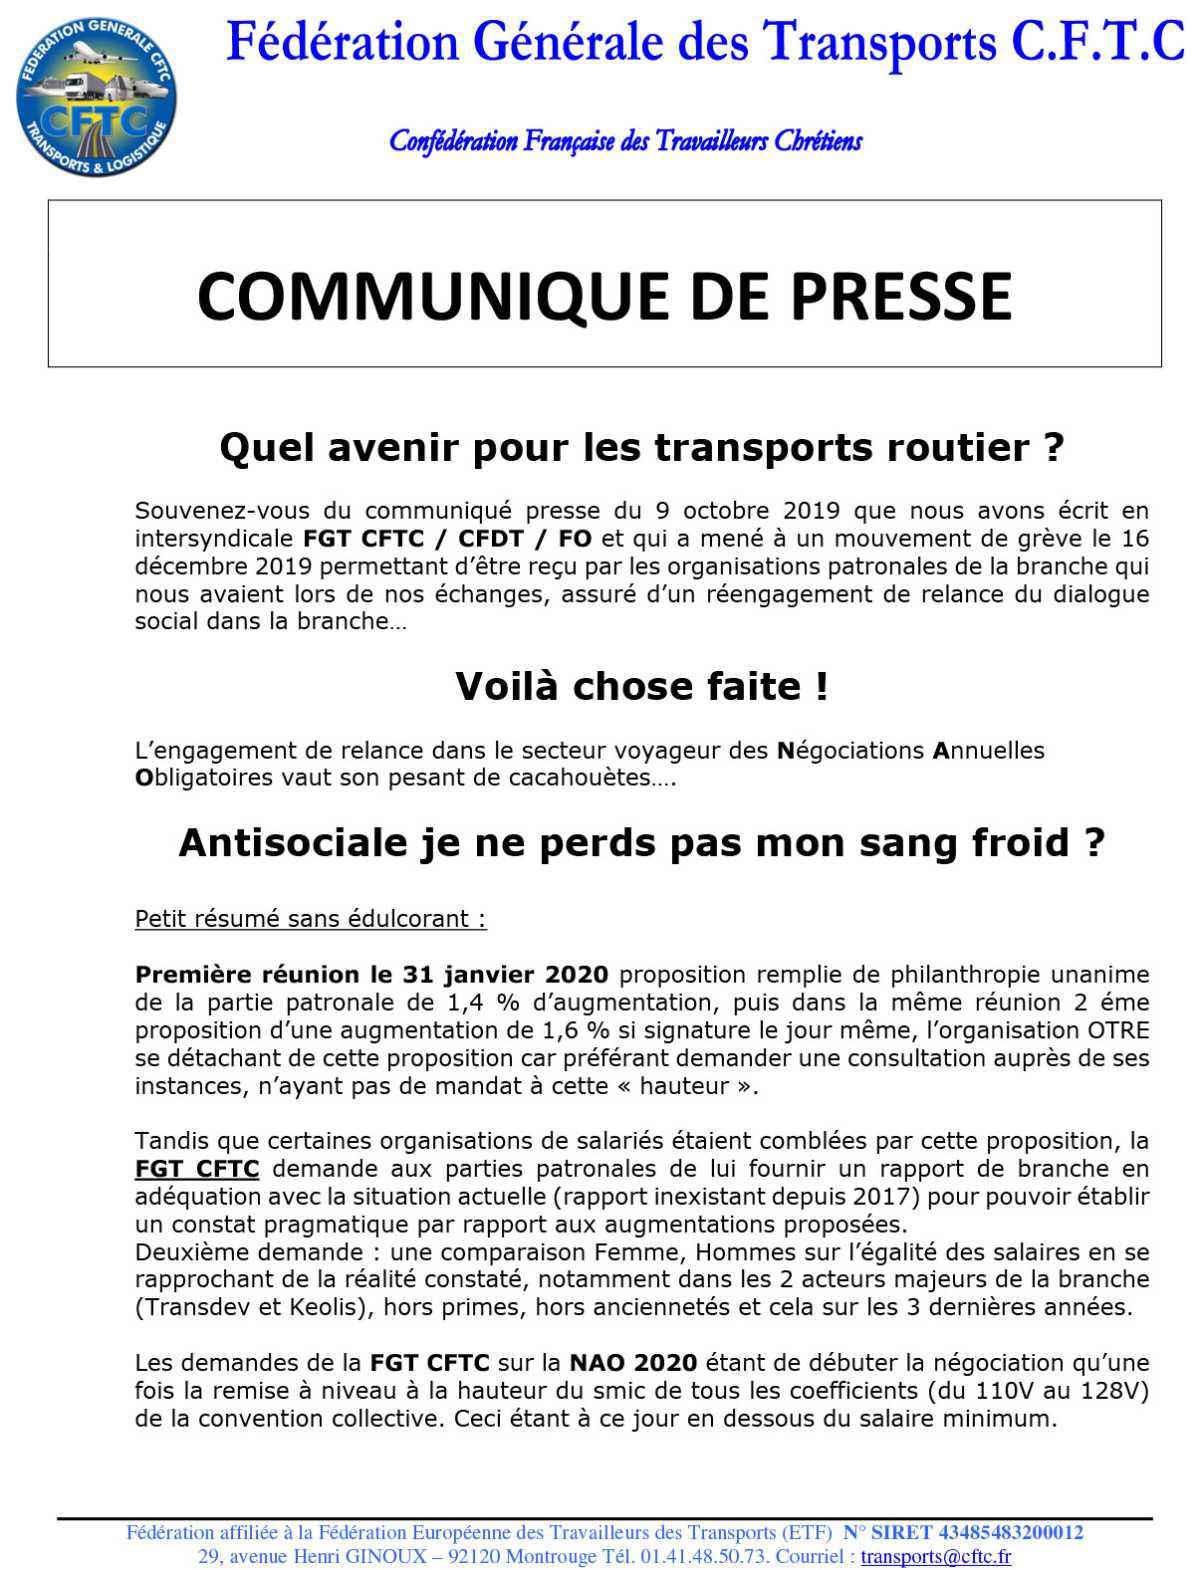 NAO 2020 L'enfumage dans le transport voyageurs !